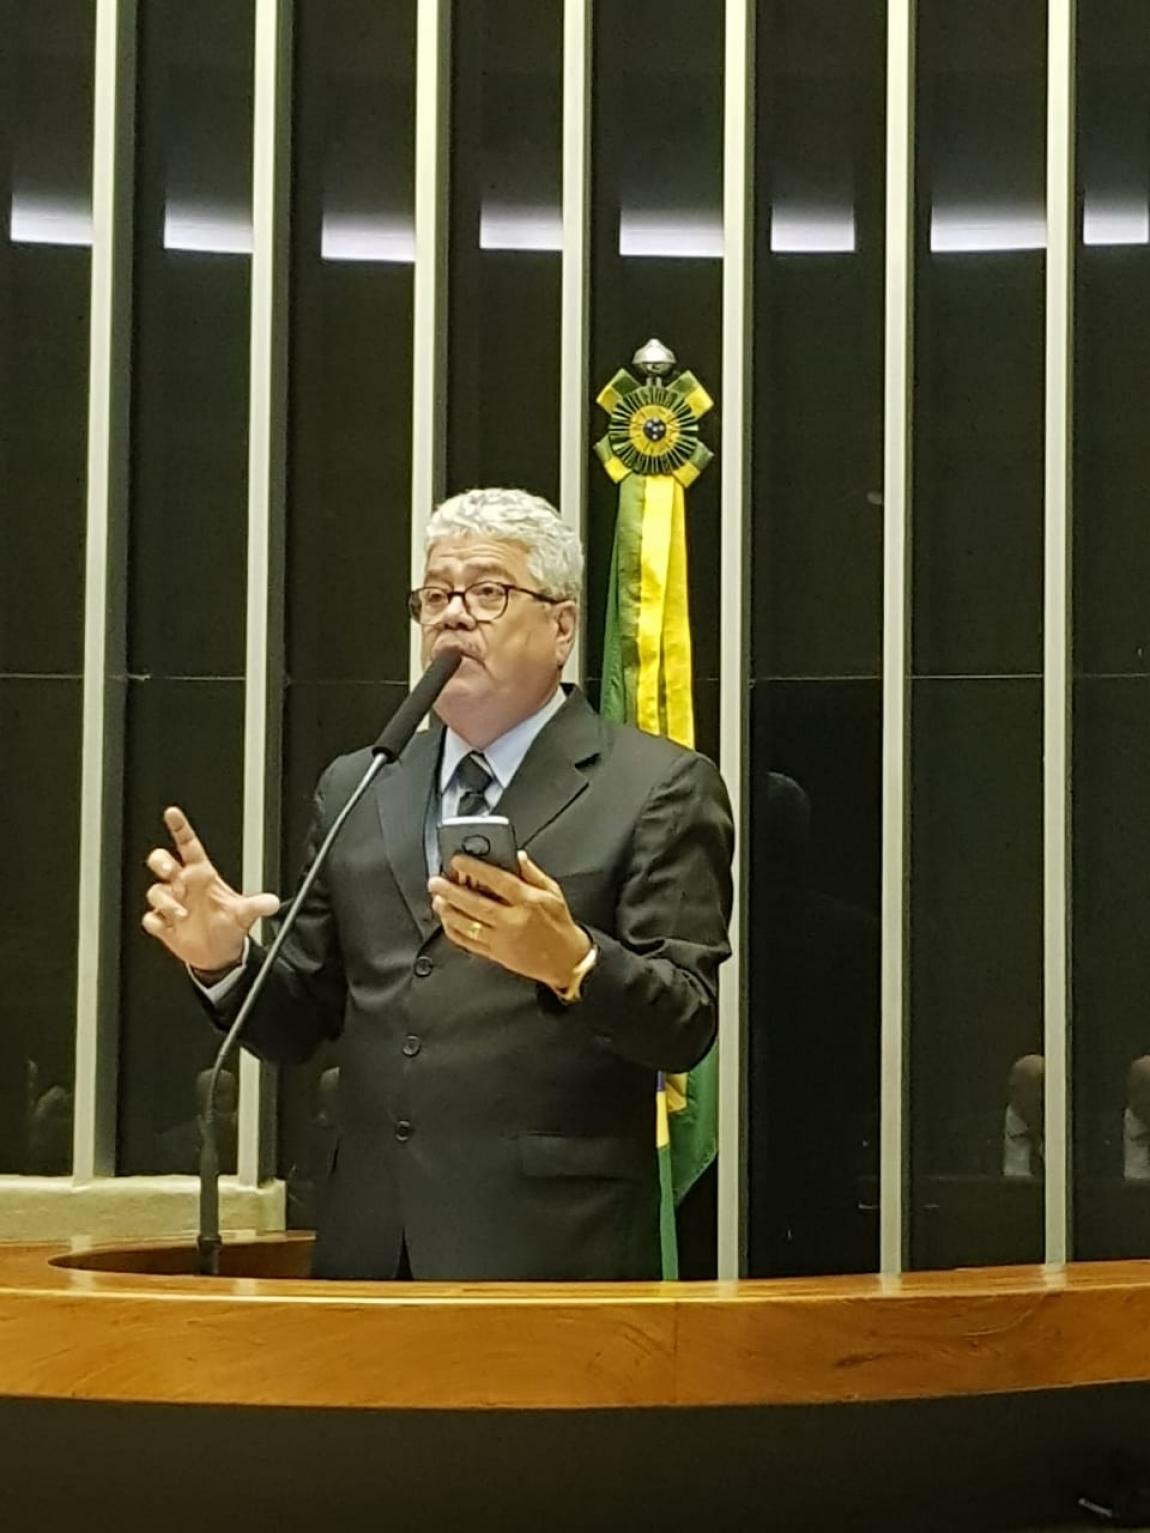 Imagem de Brasília: CNTTL participa de debate na Câmara dos Deputados sobre crise dos combustíveis